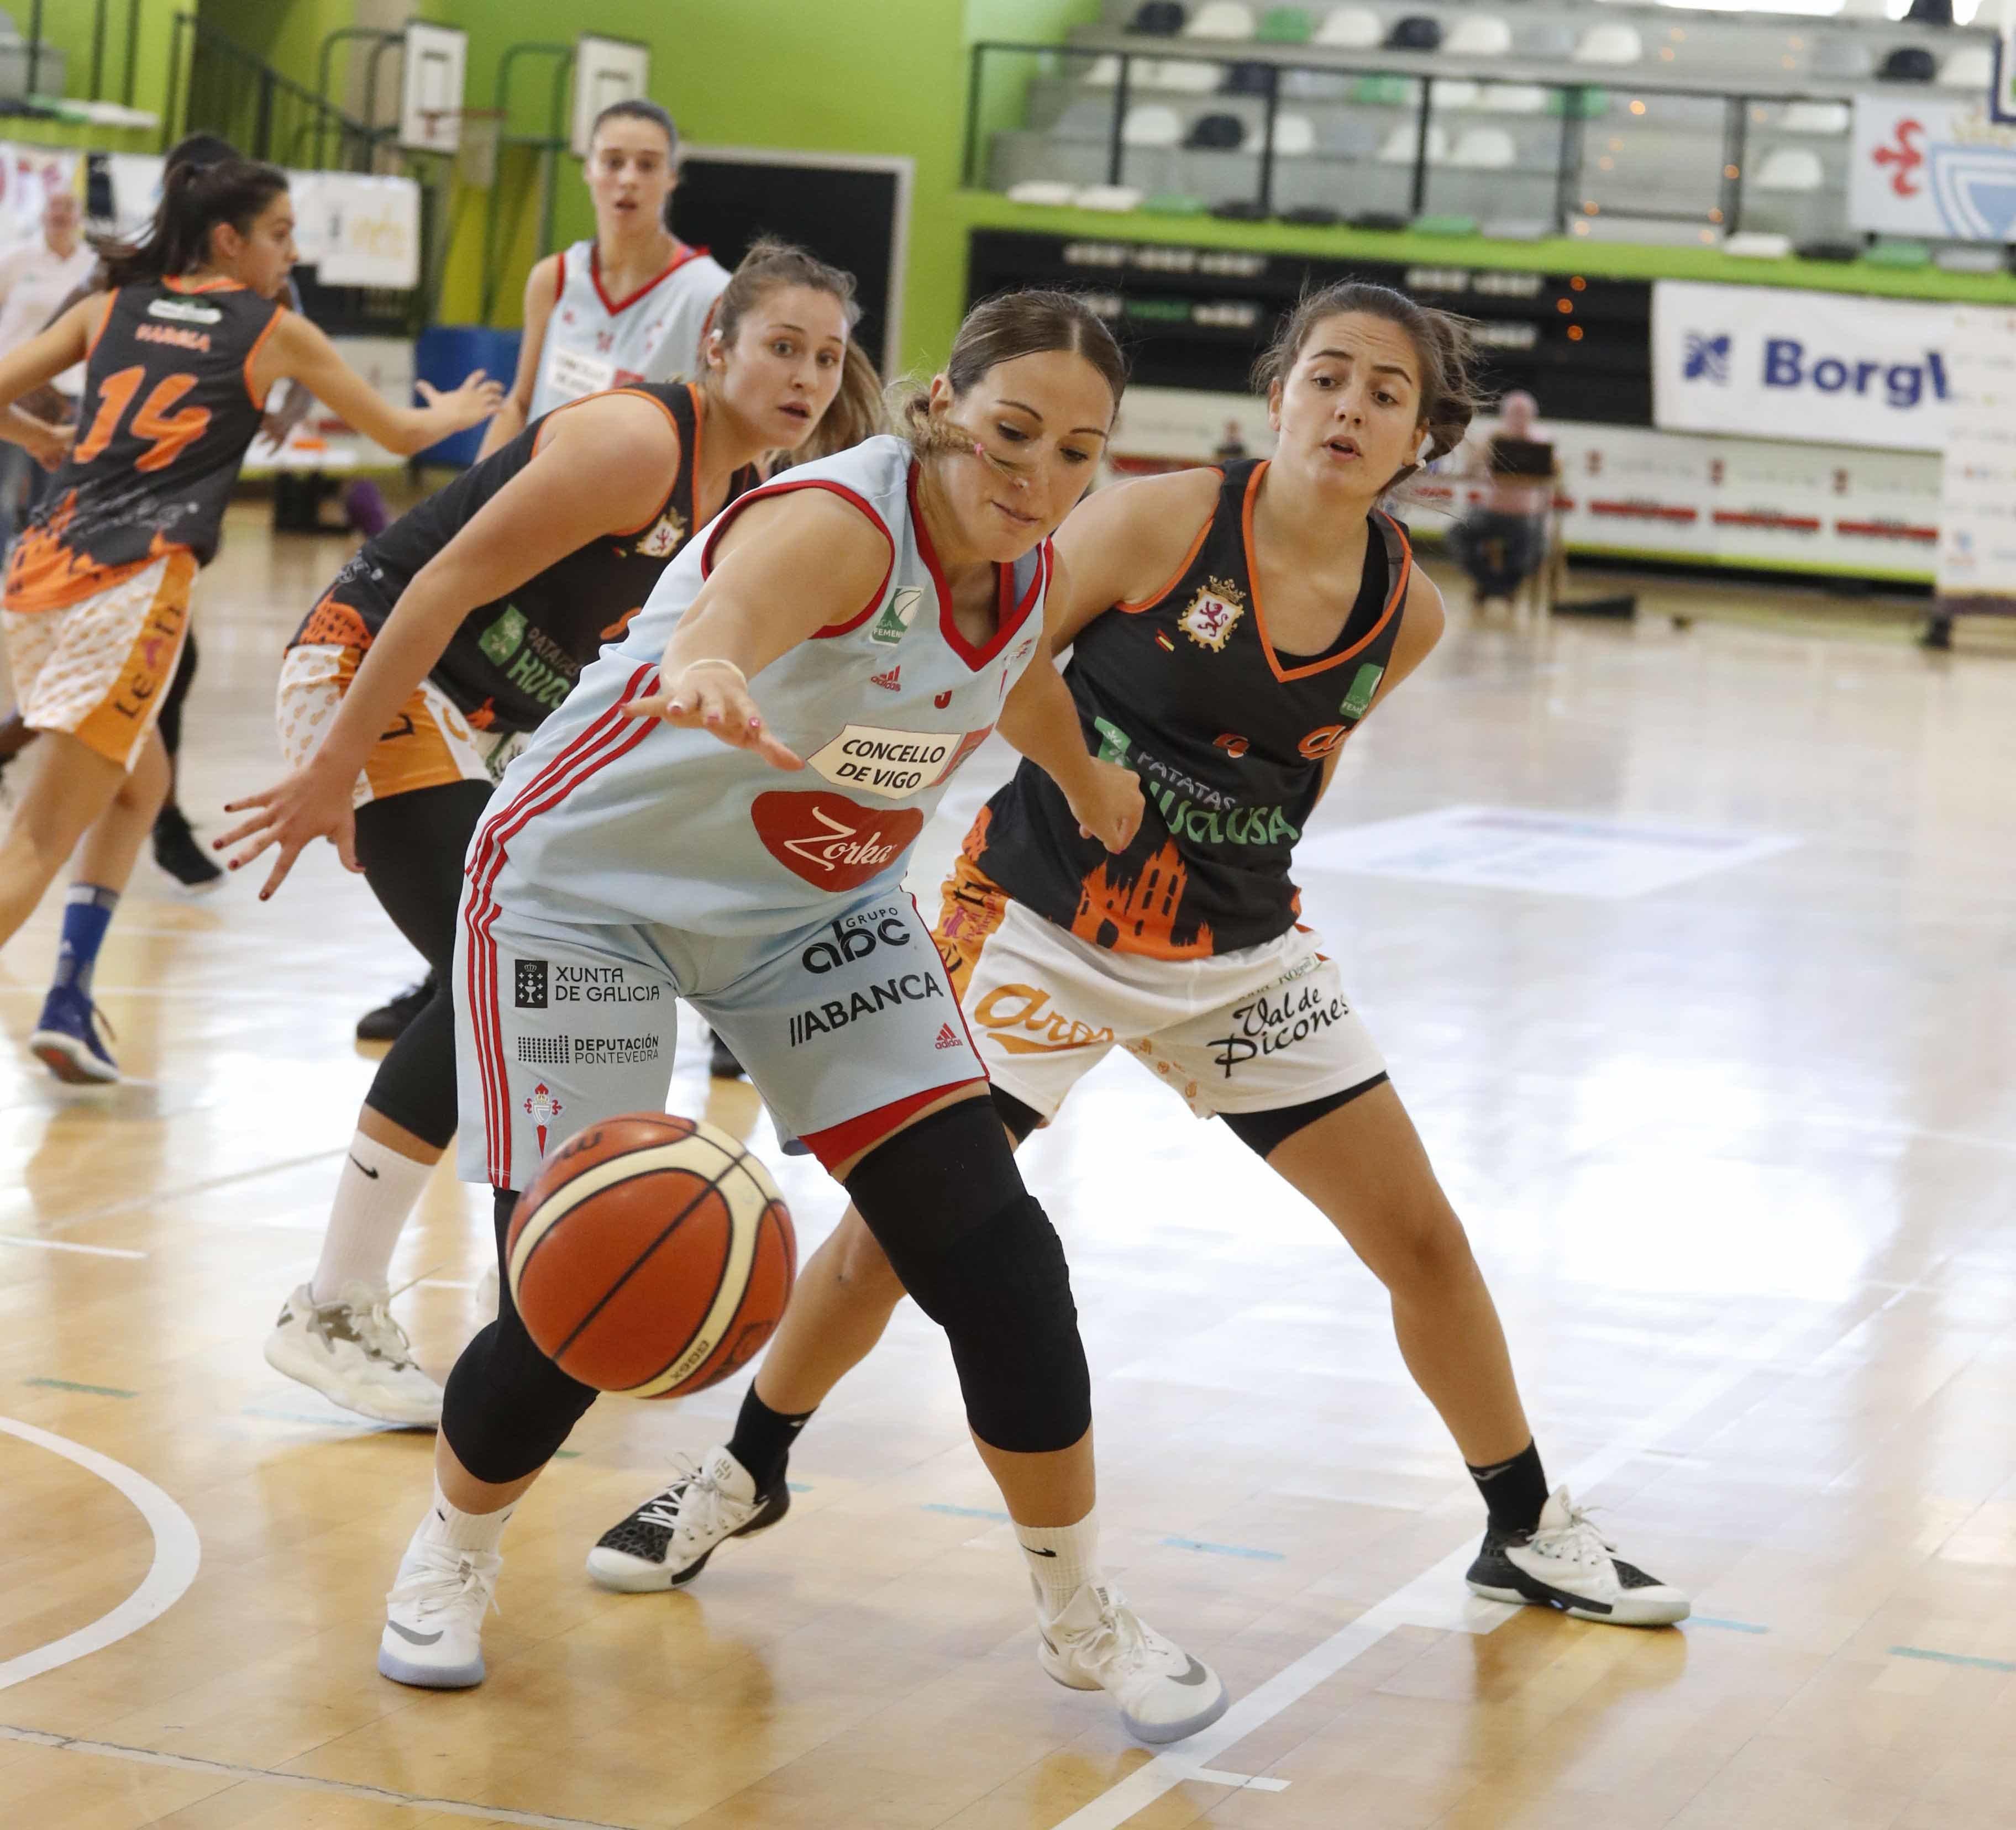 Juventud frente a experiencia - Deporte Local - Atlántico Diario